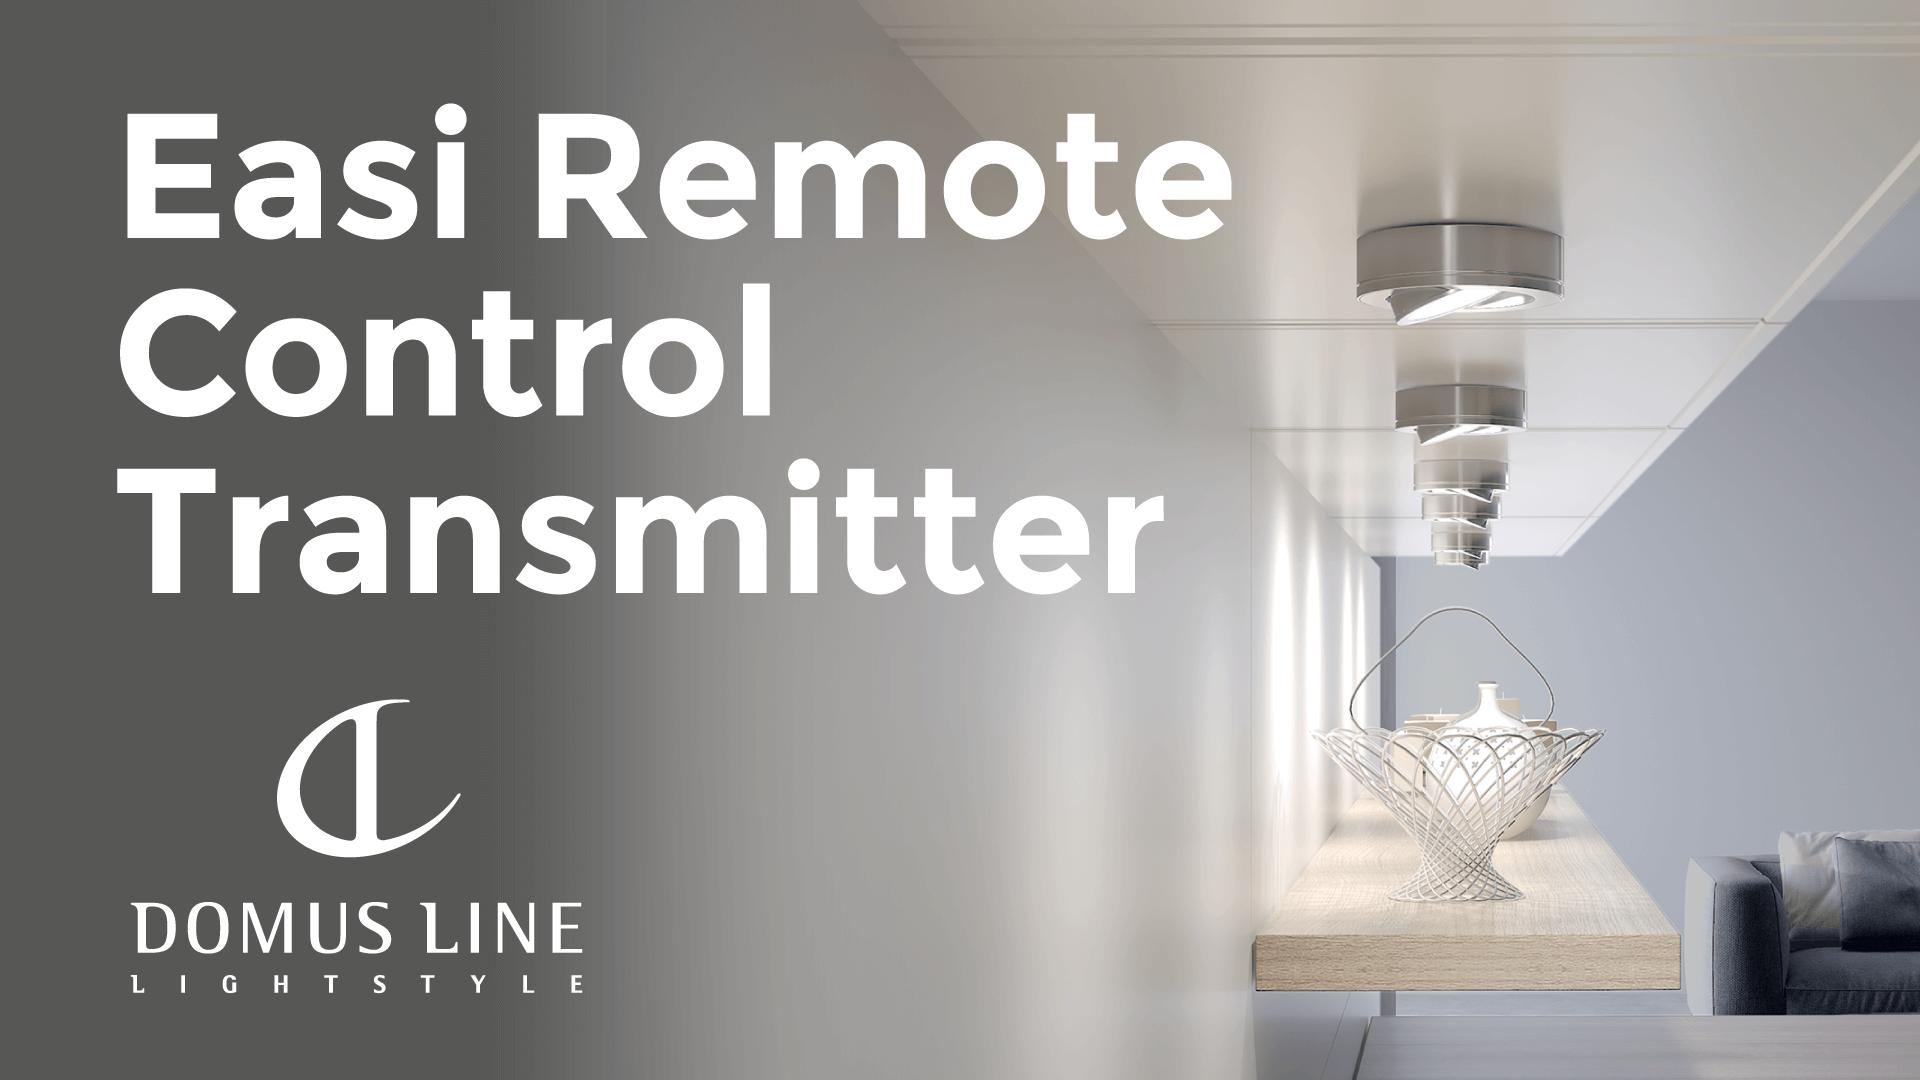 Easi Remote Control Transmitter